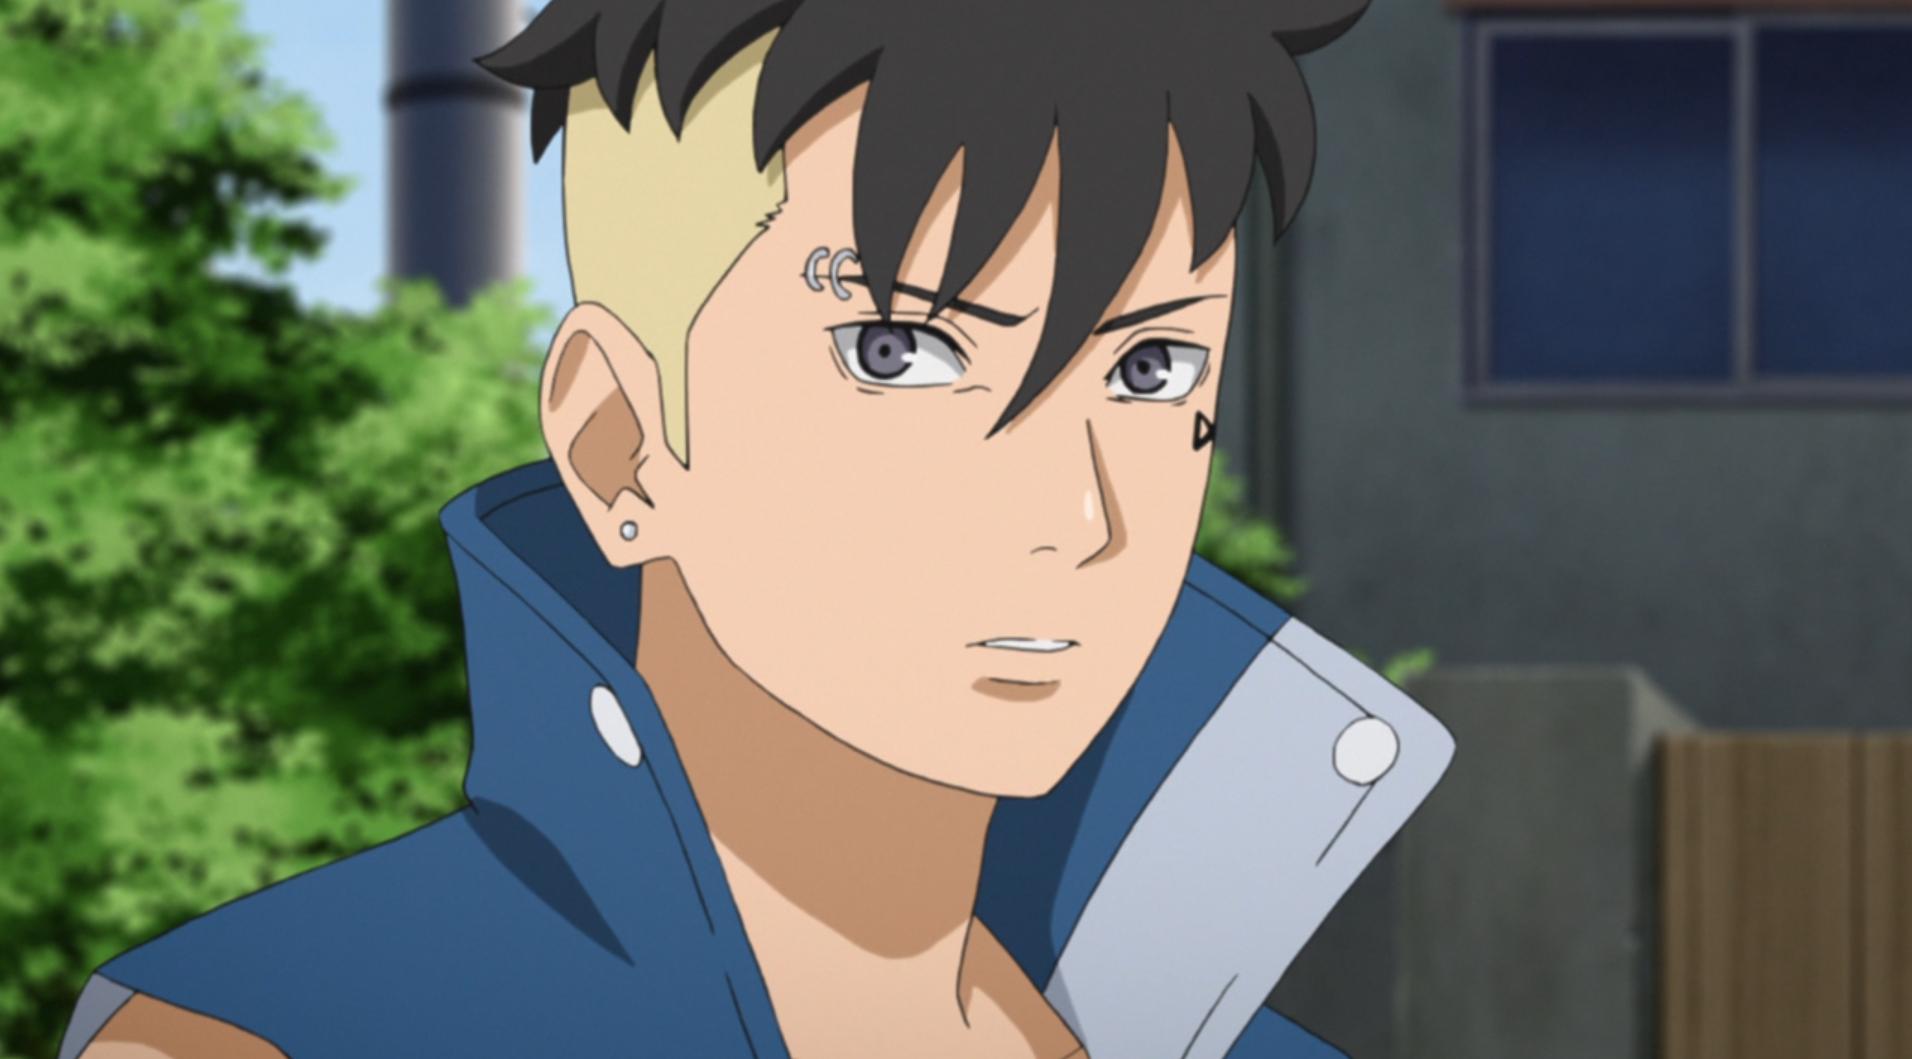 Kawaki surpreso por alguém se importar com ele (╥╥) | Boruto - Naruto Next Generation | Todos os direitos reservados